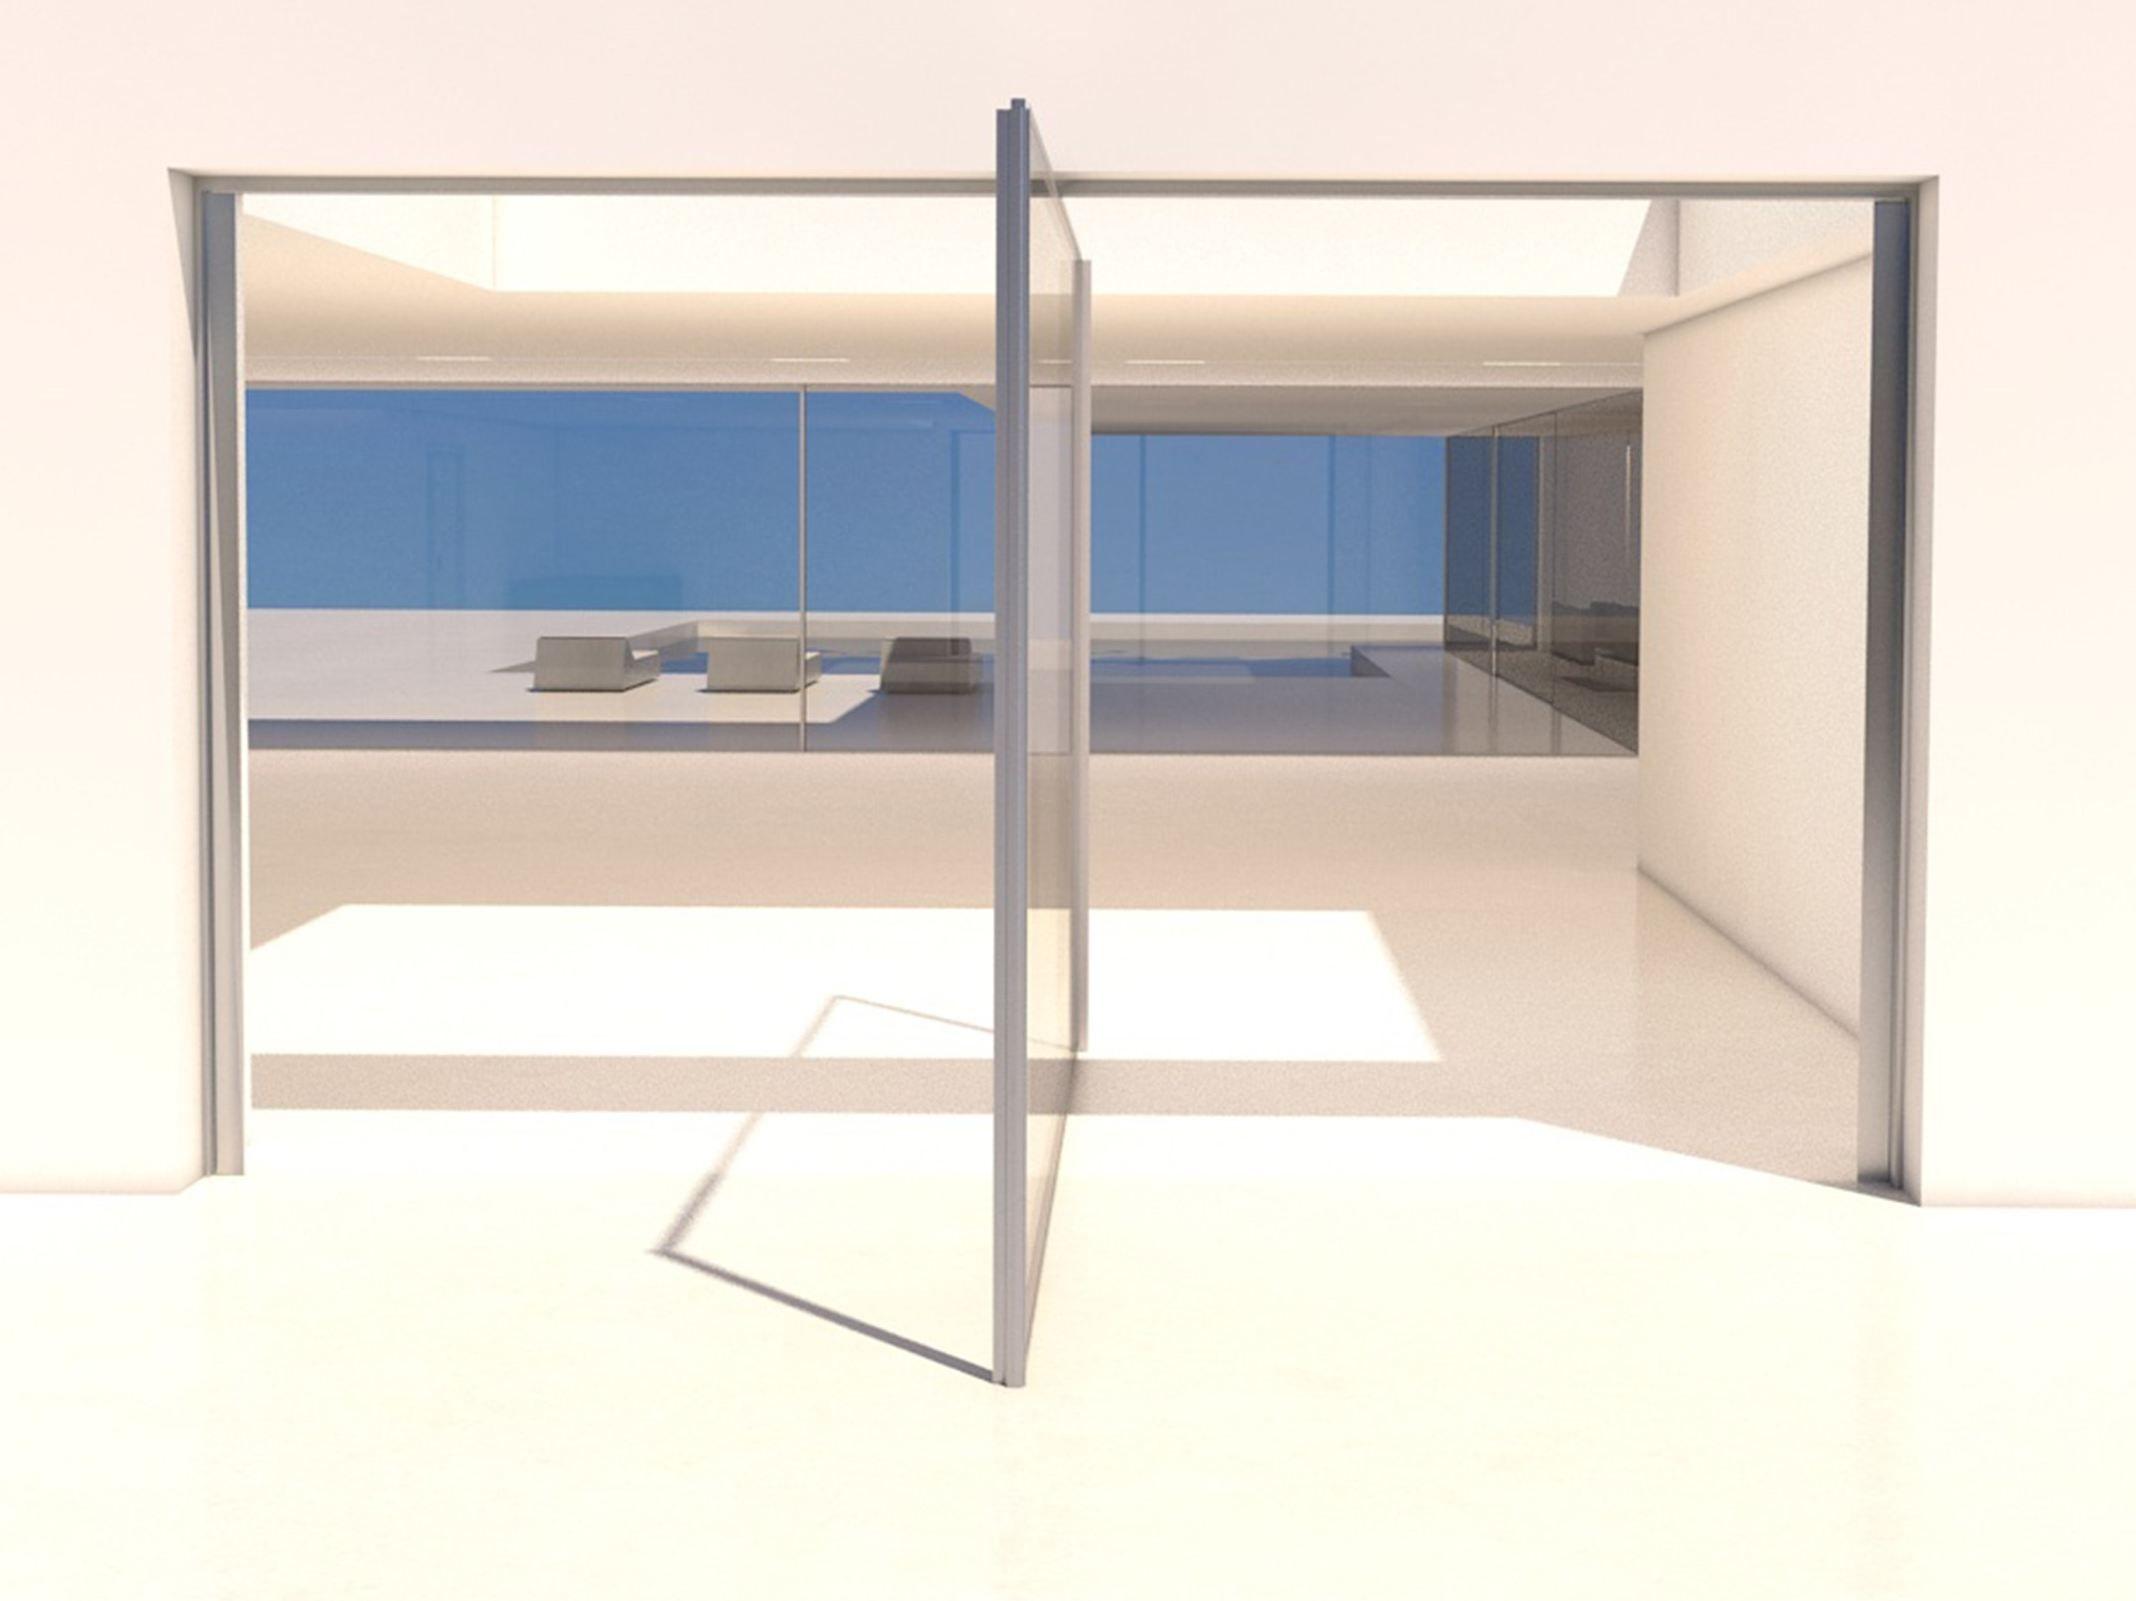 Fenêtre à ouverture pivotante en aluminium ouverture pivot by otiima